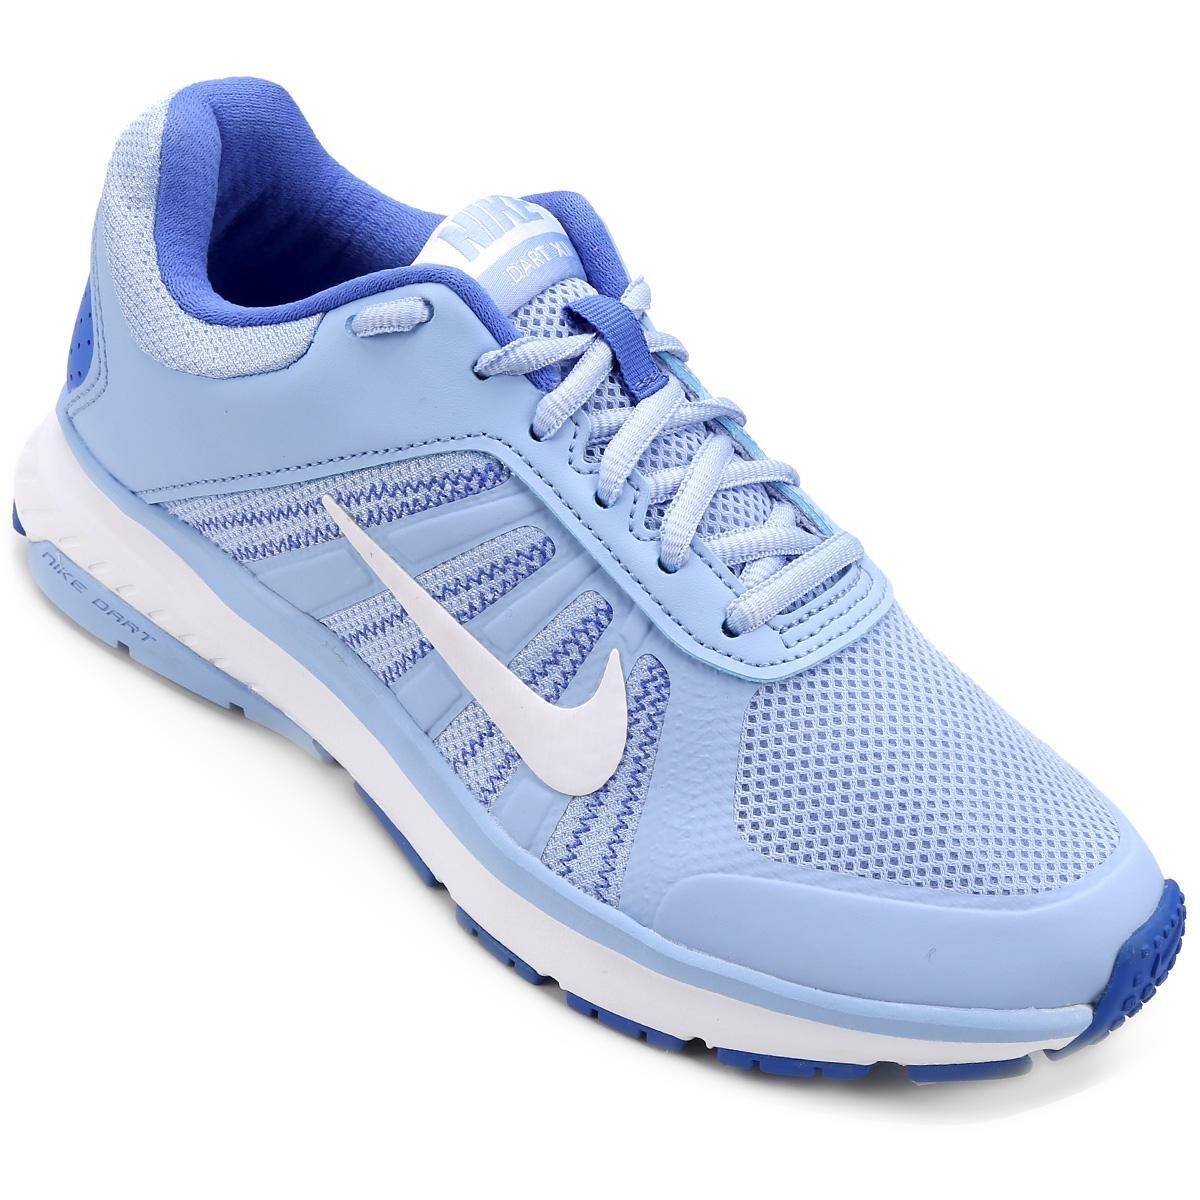 1a45ca7de58 Tênis Nike Dart 12 MSL Feminino - Azul Claro e Azul - Compre Agora ...